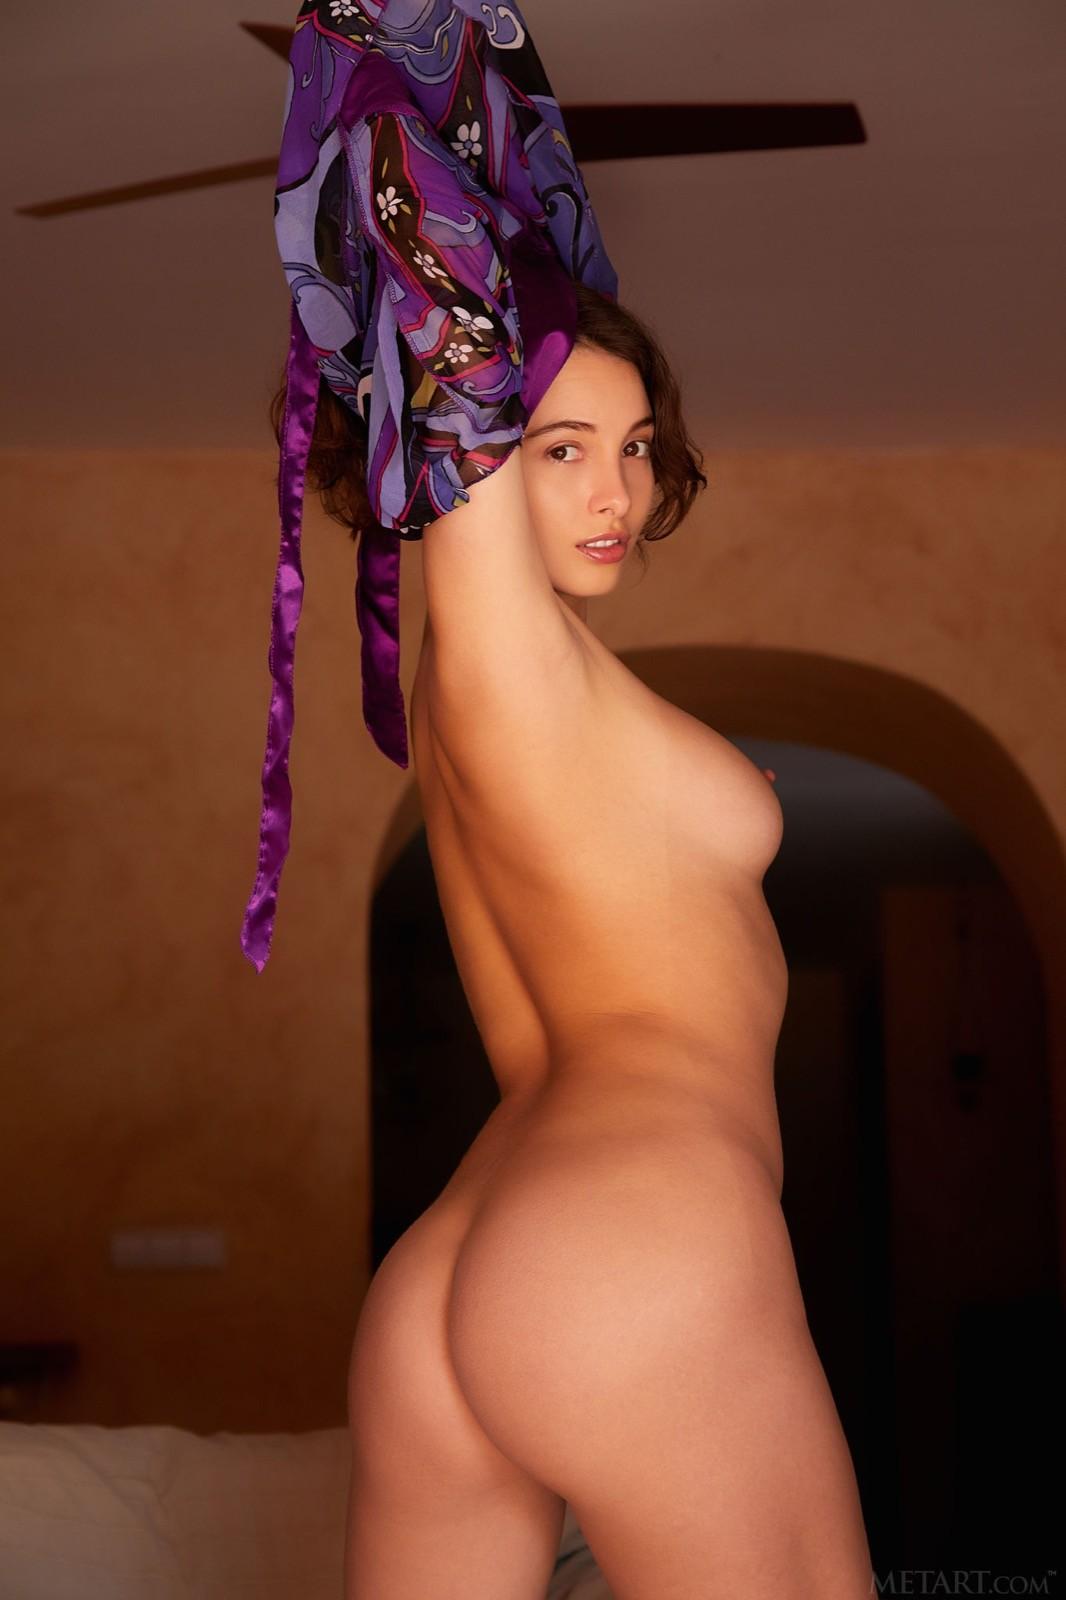 Шатенка демонстрирует красивую голую задницу - фото